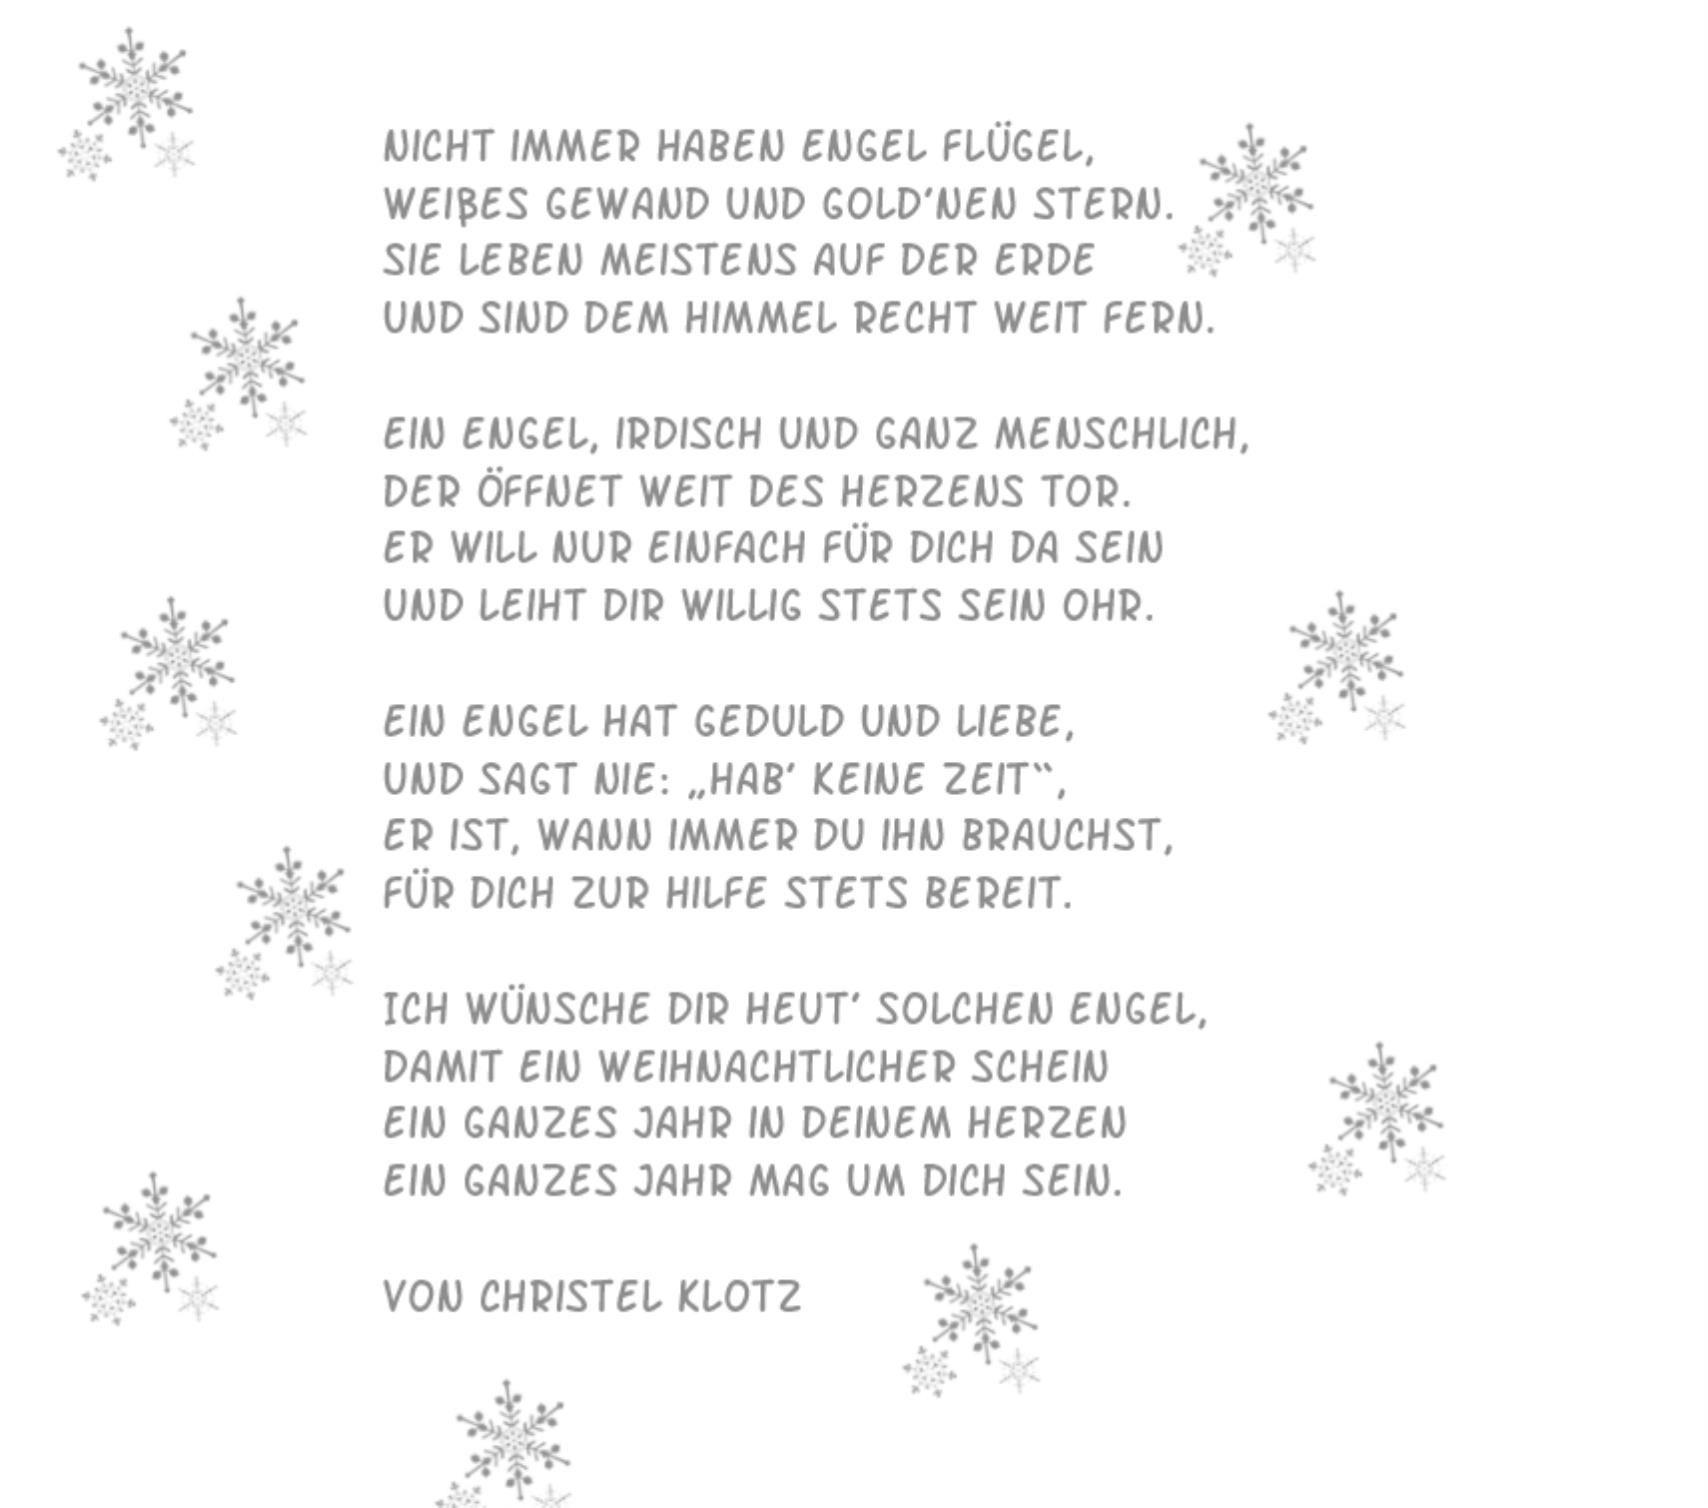 Sprüche Weihnachtskalender.Adventskalender Sprüche Liebe Besondere Liebessprüche Ohne